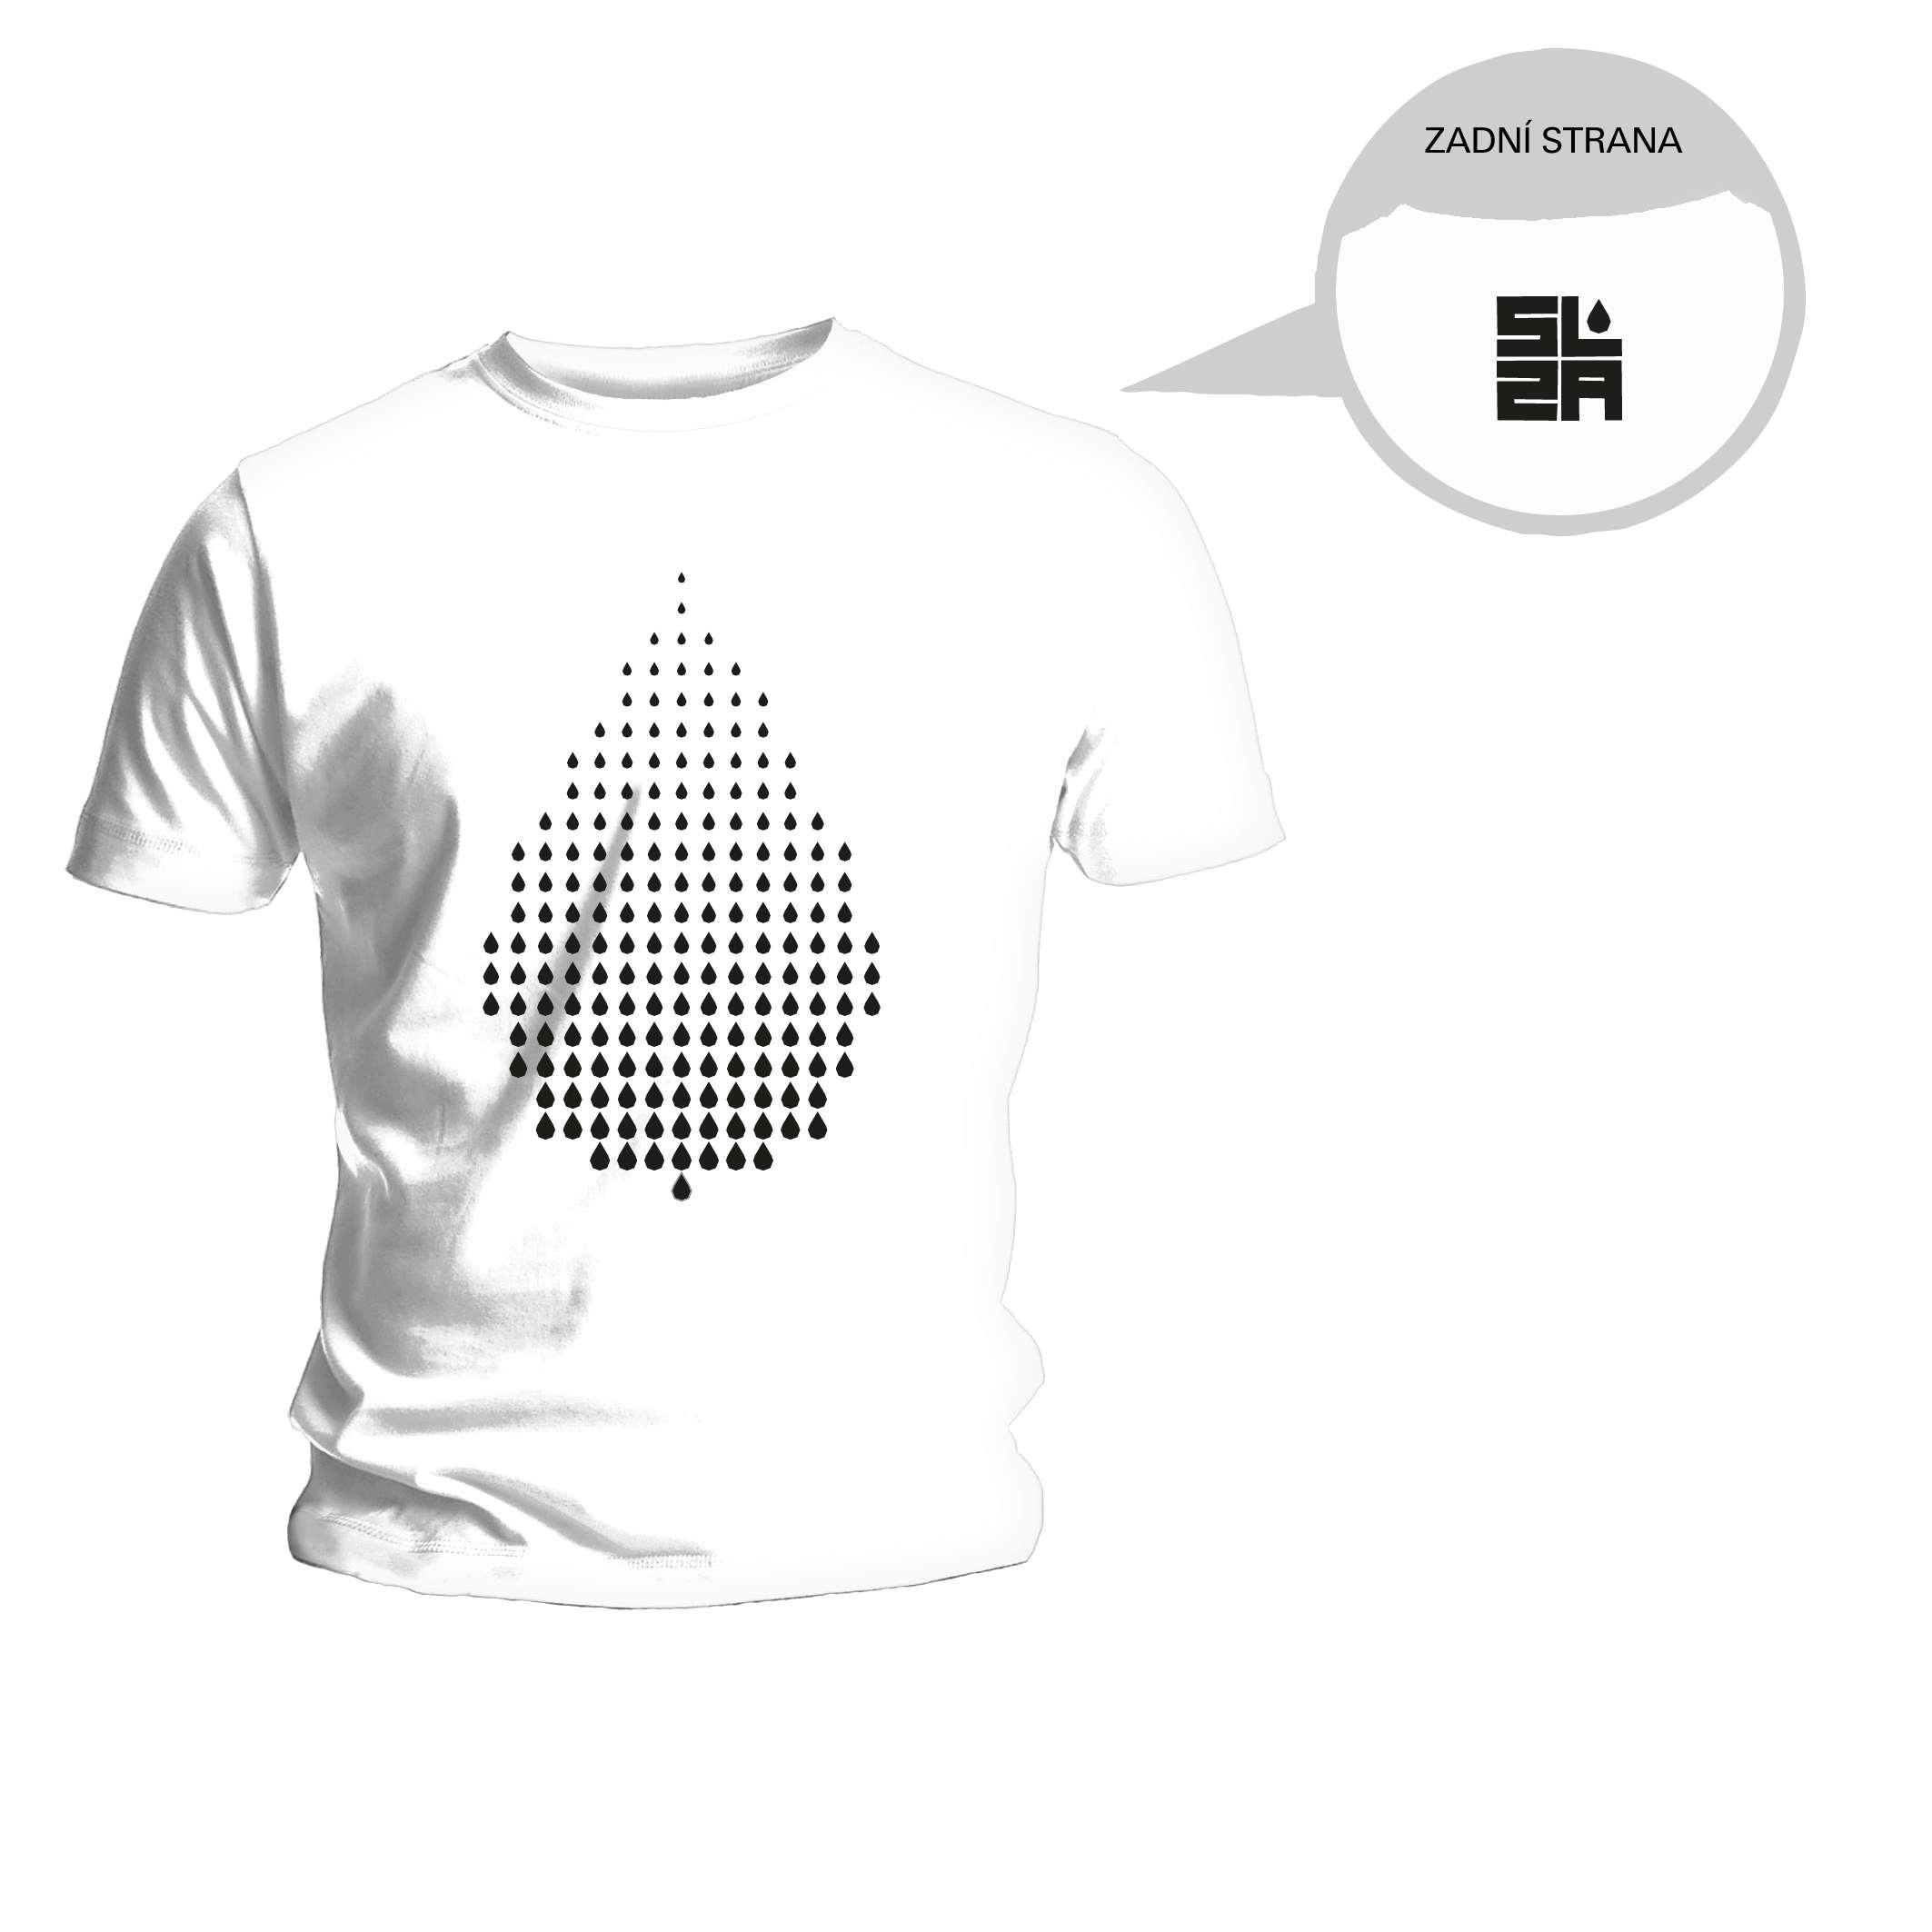 SLZA - Tričko s logem kapka